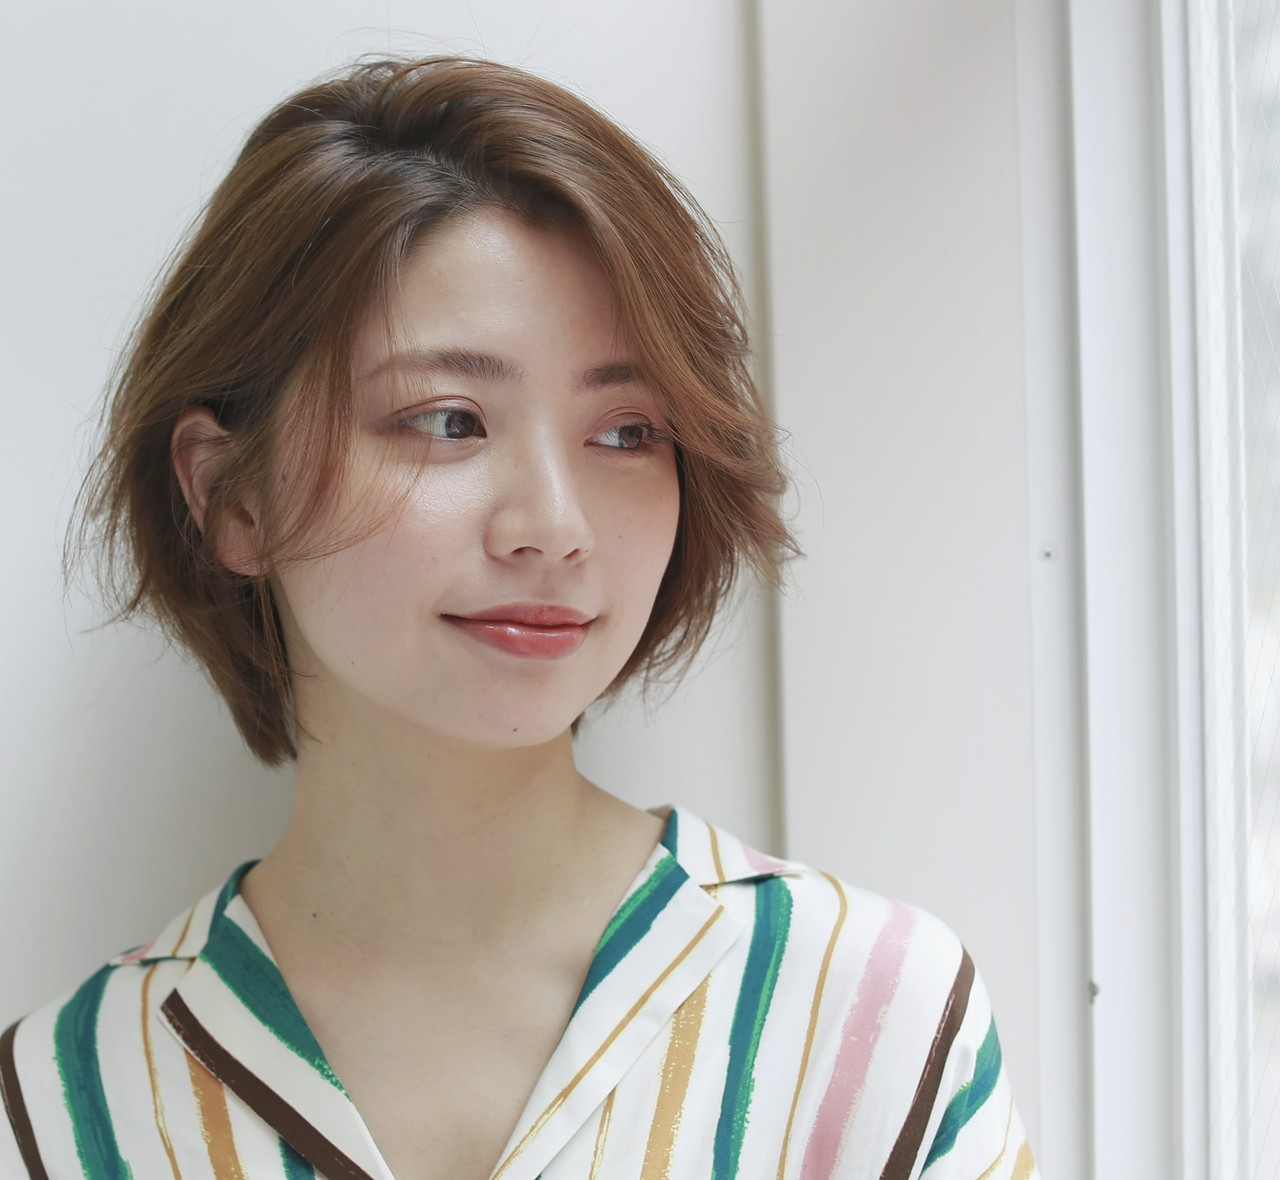 ショート グレージュ ベージュ ウェットヘア ヘアスタイルや髪型の写真・画像 | Yukie Horiuchi / スパイスアヴェダ